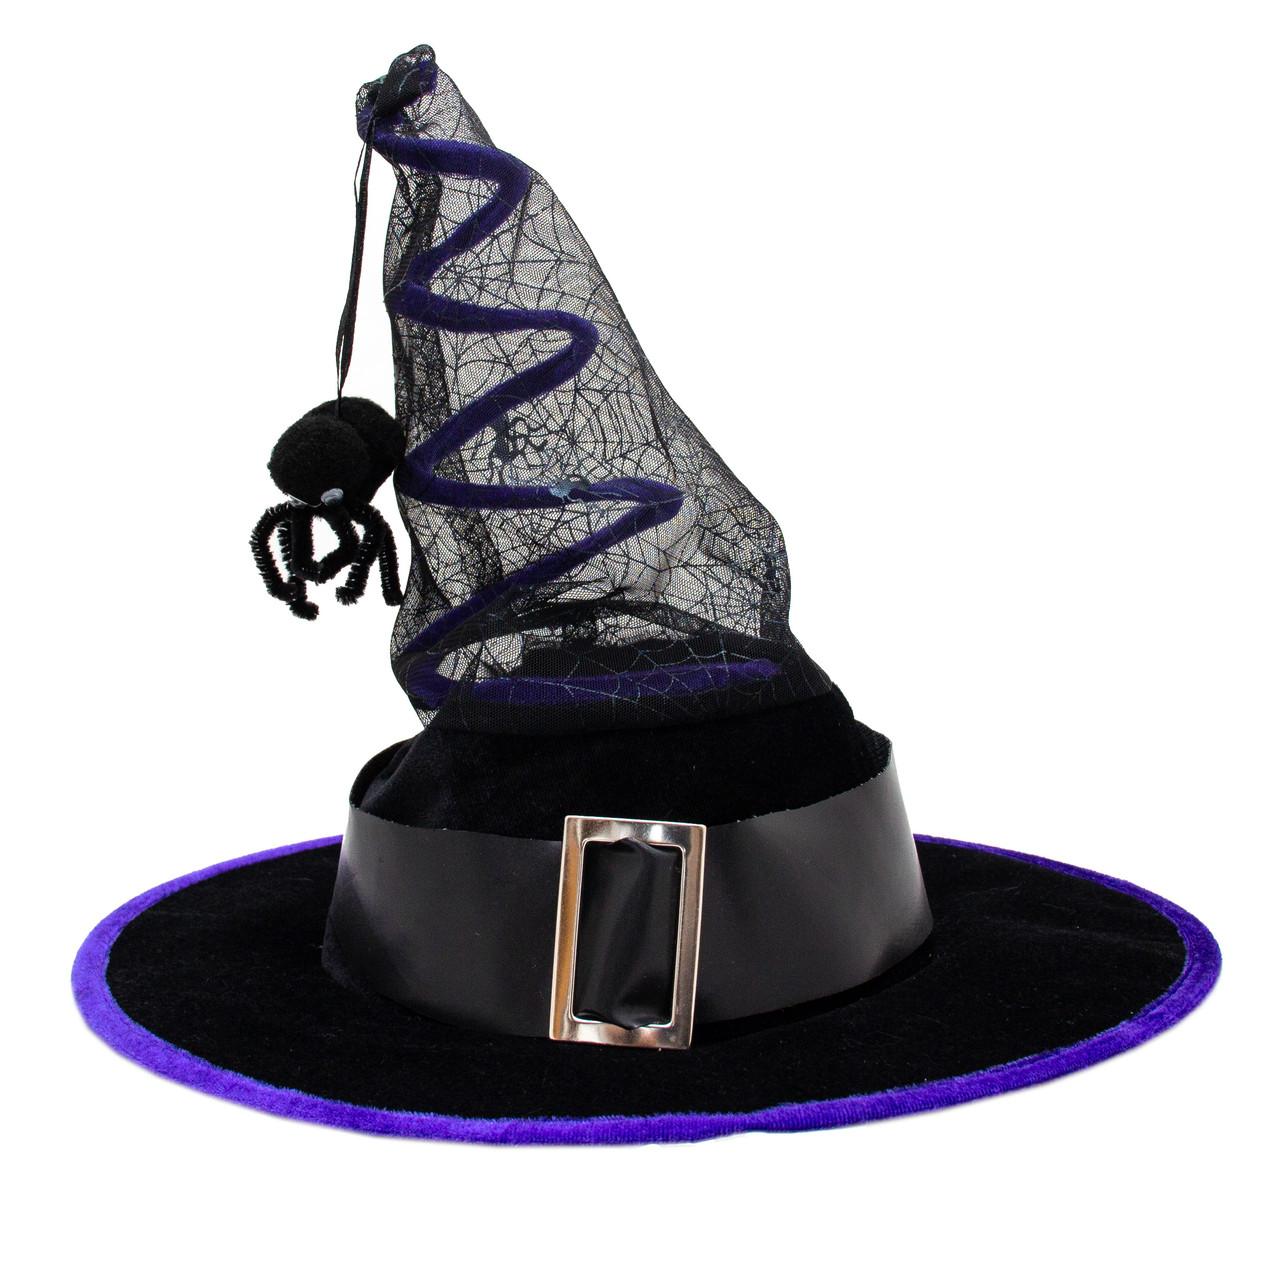 Карнавальный колпак ведьмы с пауком, 37*35 см, пластик, черный (462698)